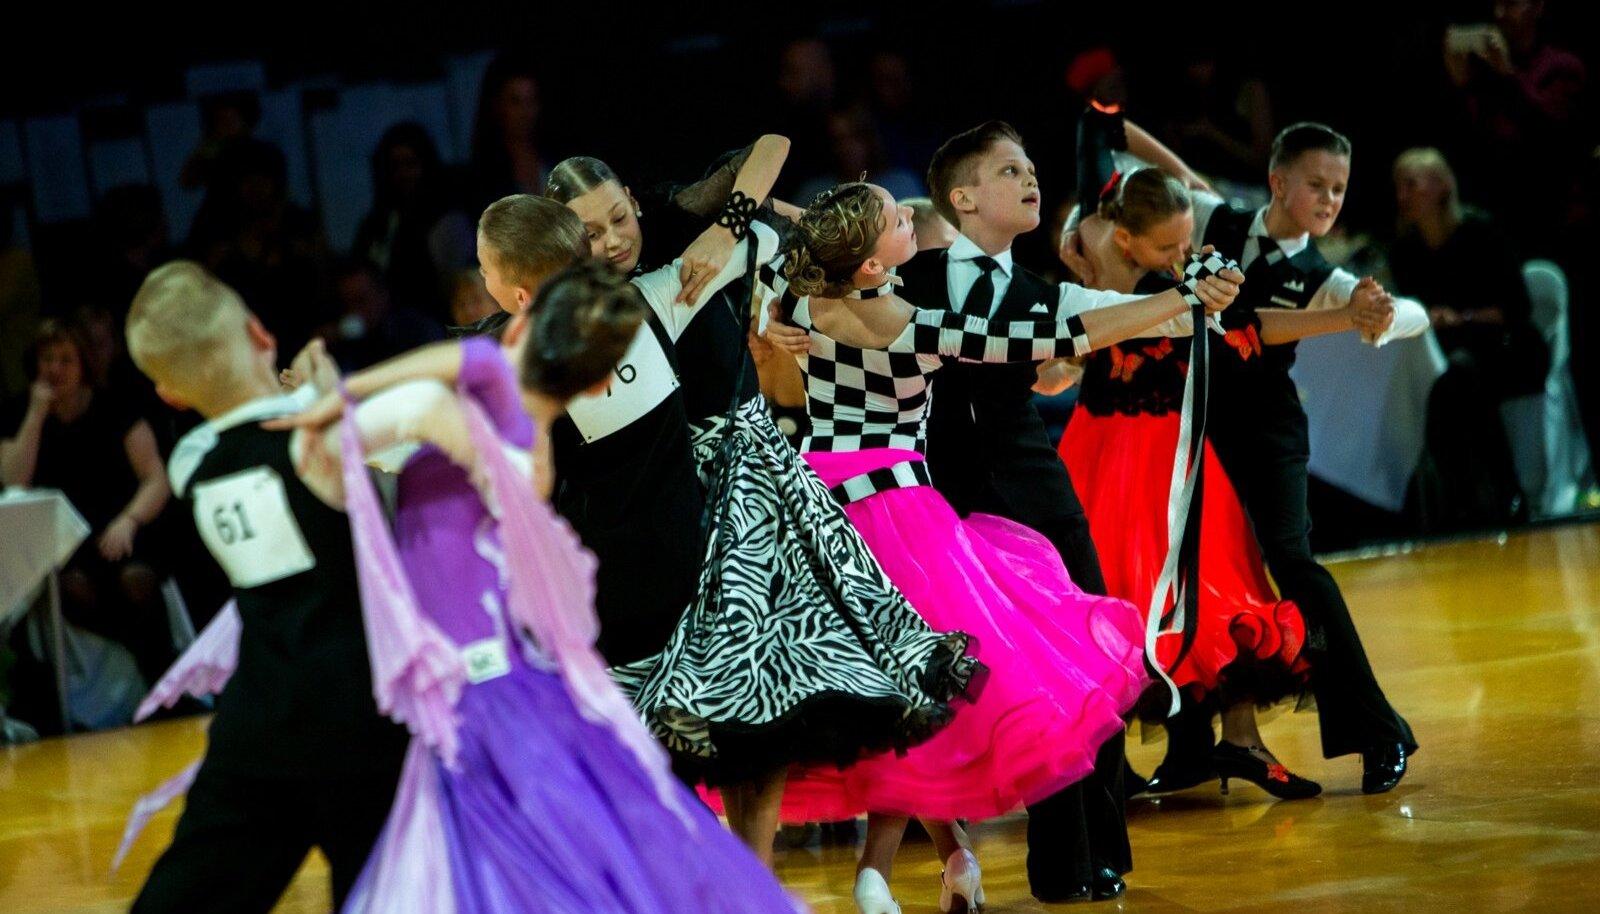 Pilt on illustratiivne. 10 tantsu Eesti meistrivõistlused